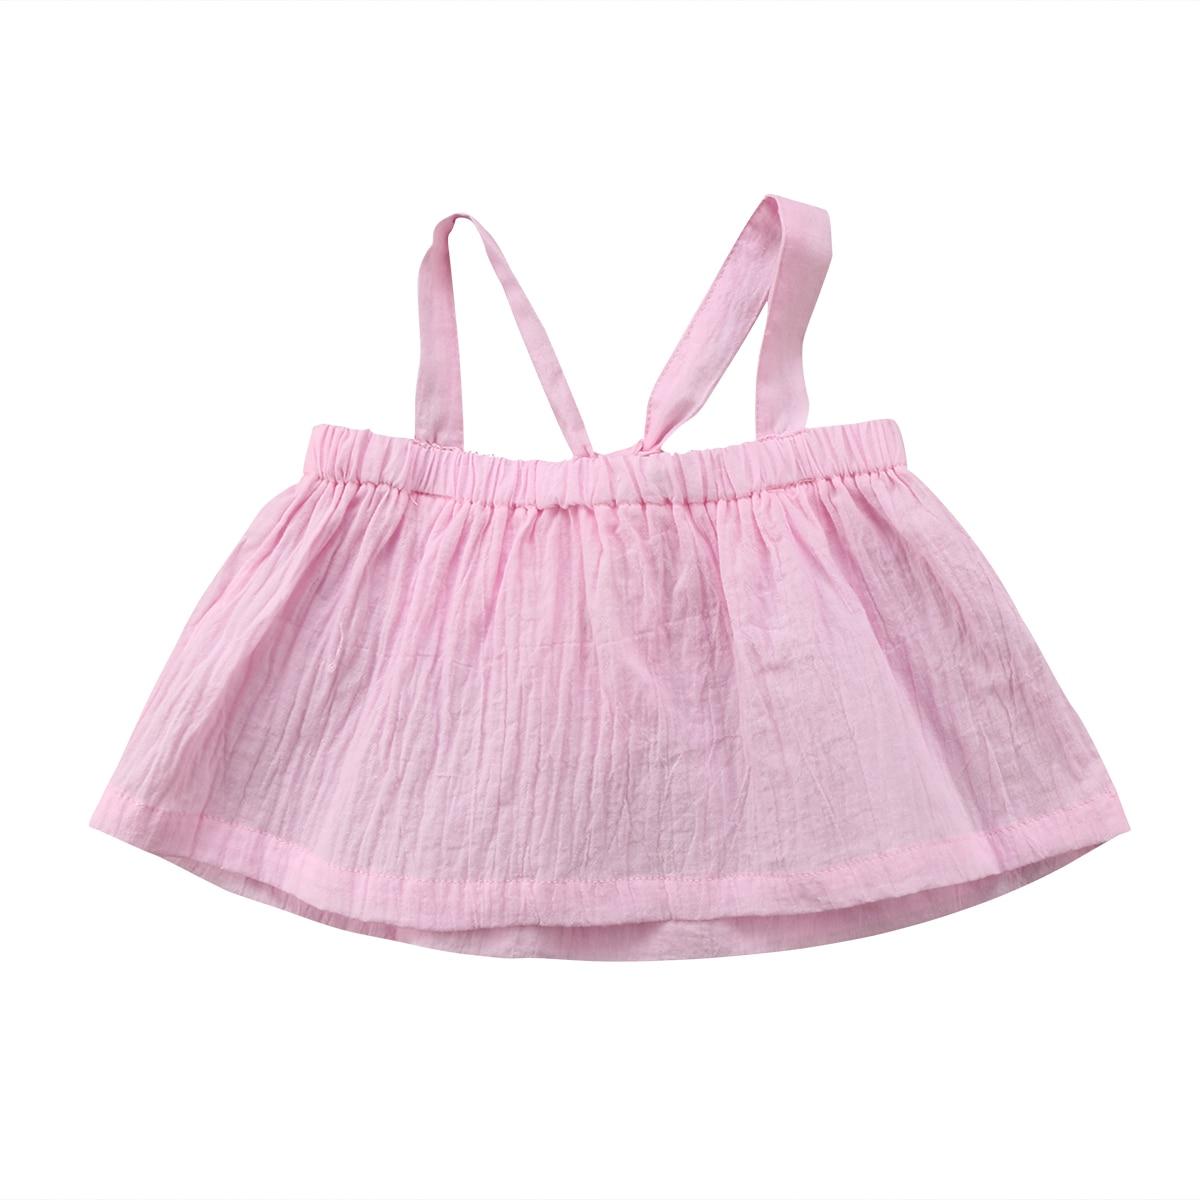 Entzückende Neugeboren Baby Mädchen Sommer Strap Halter Rohr Tops Bluse Shirts Kleidung